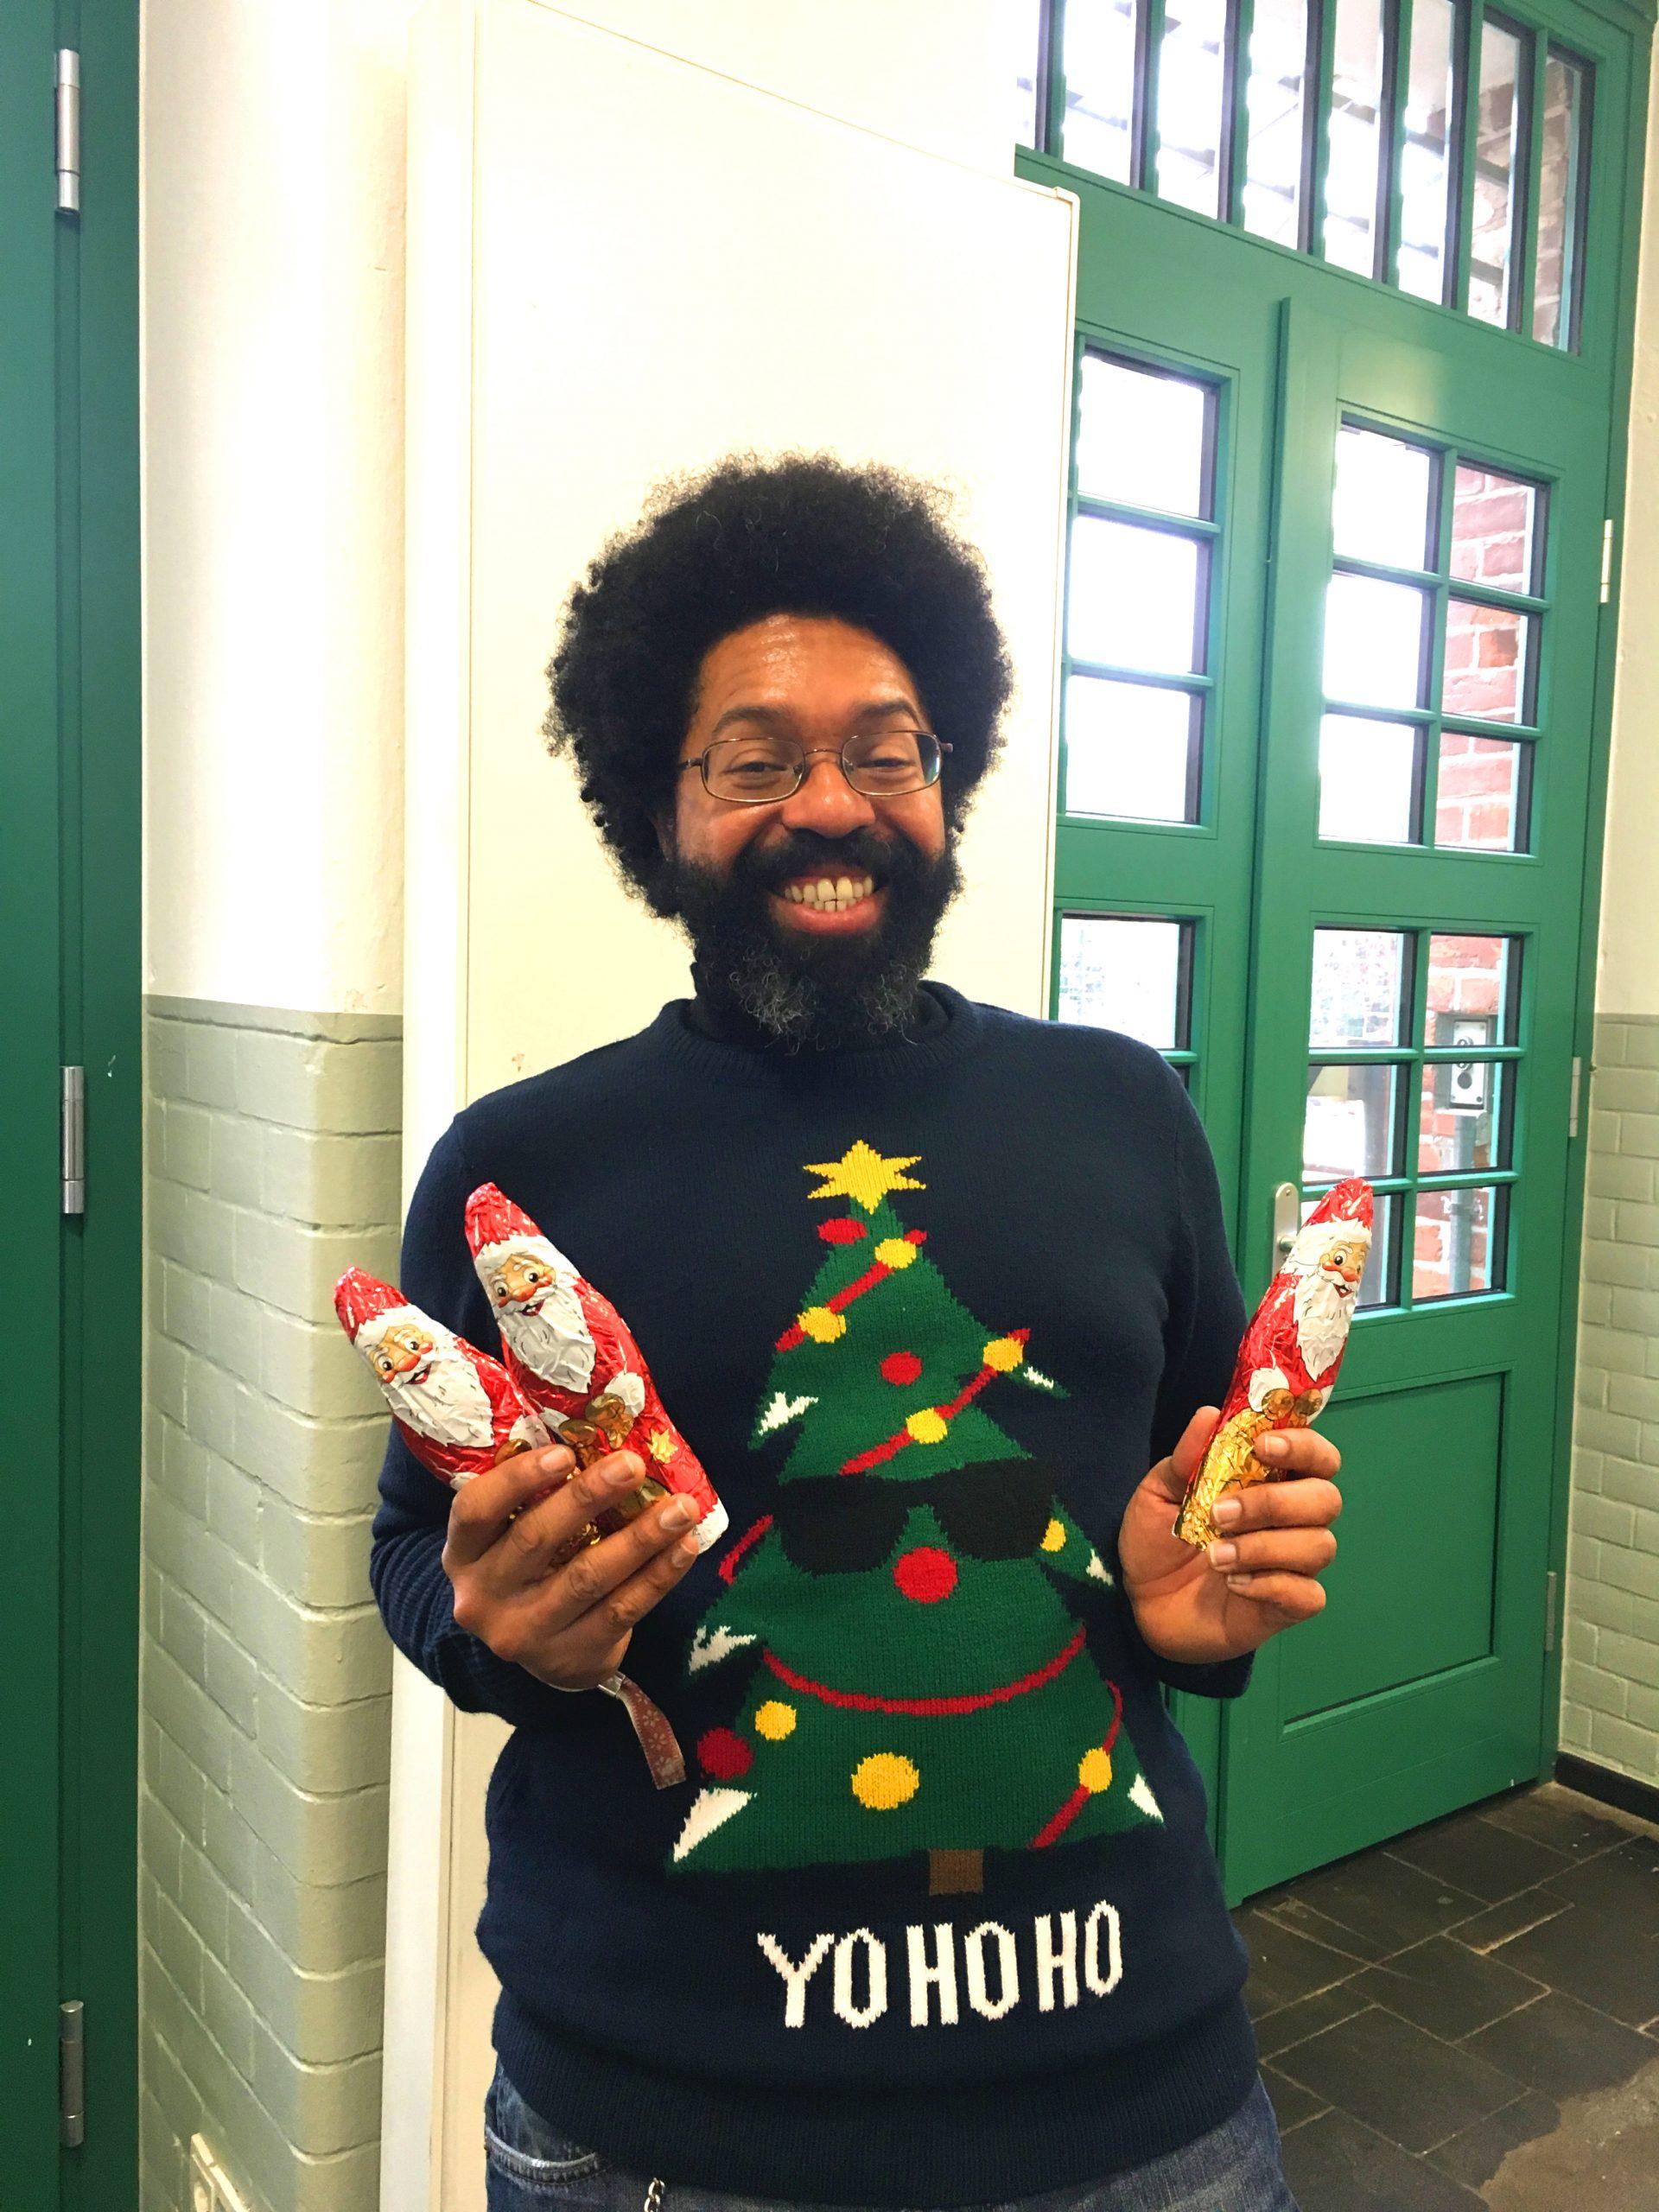 Unser Kollege Chester im Weihnachtsmannpullover, der Schokoweihnachtsmänner verteilt.